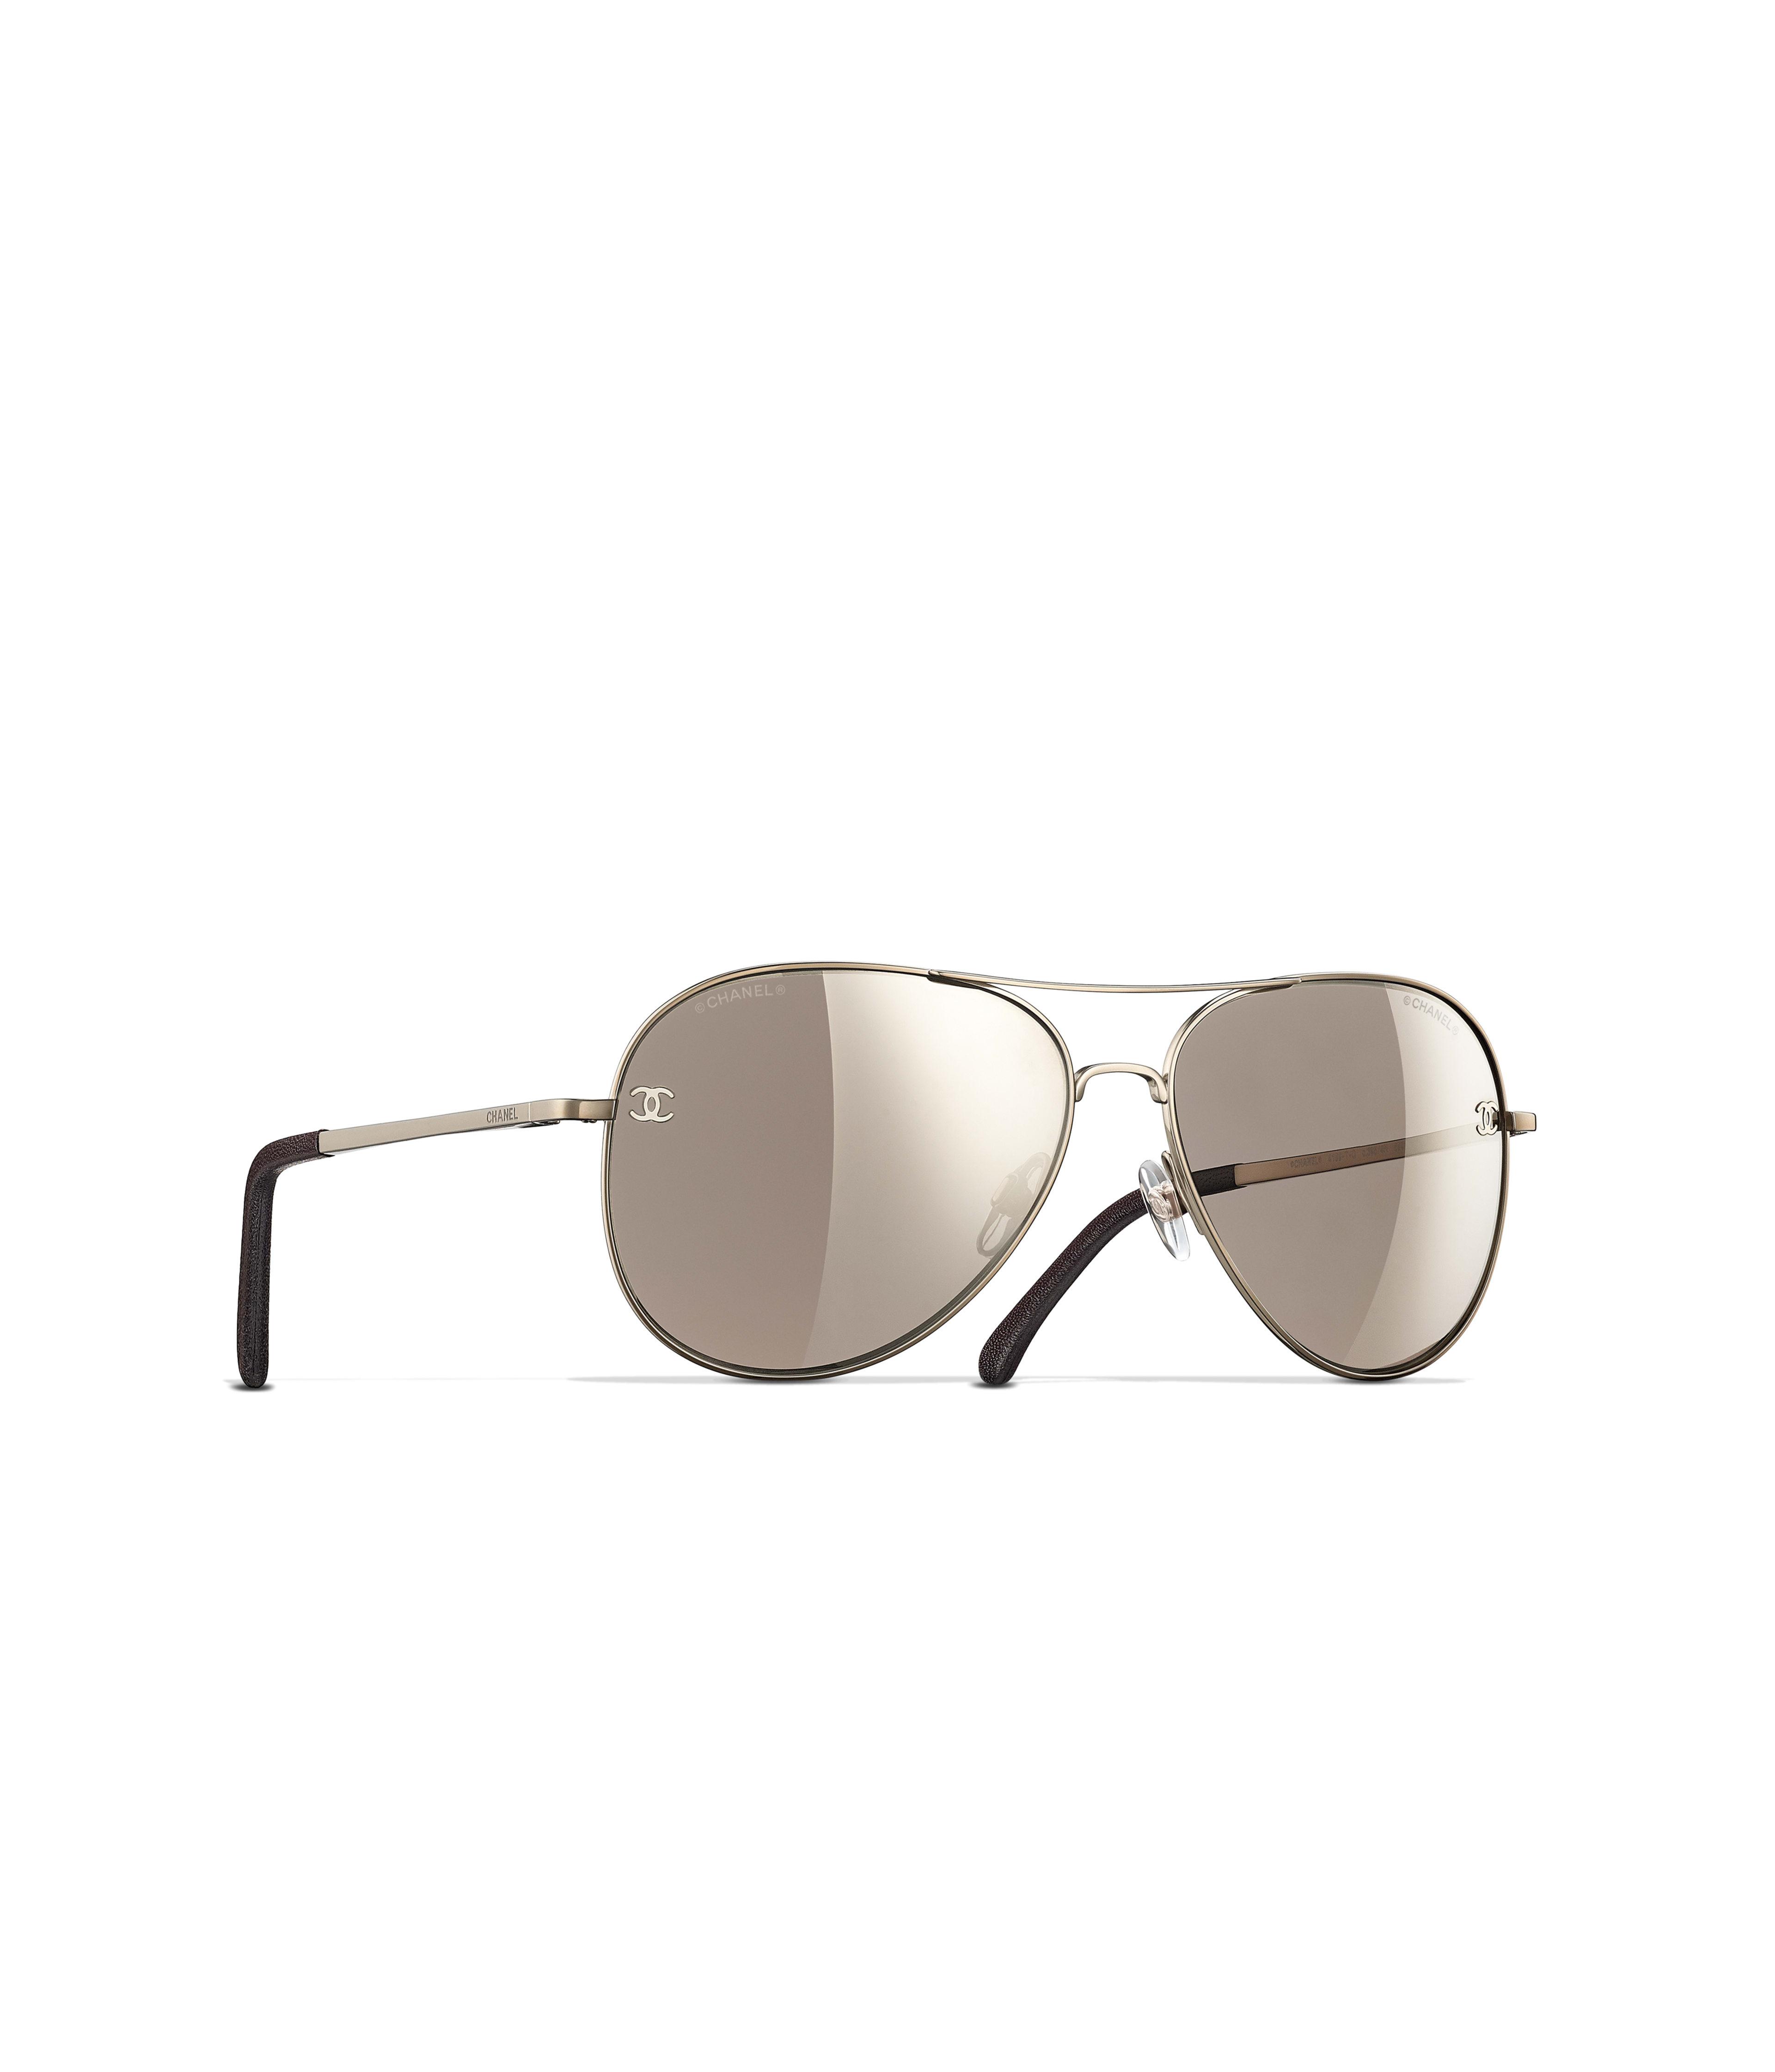 e572266bf1 Pilot Sunglasses Ref. 4189TQ C395 6G